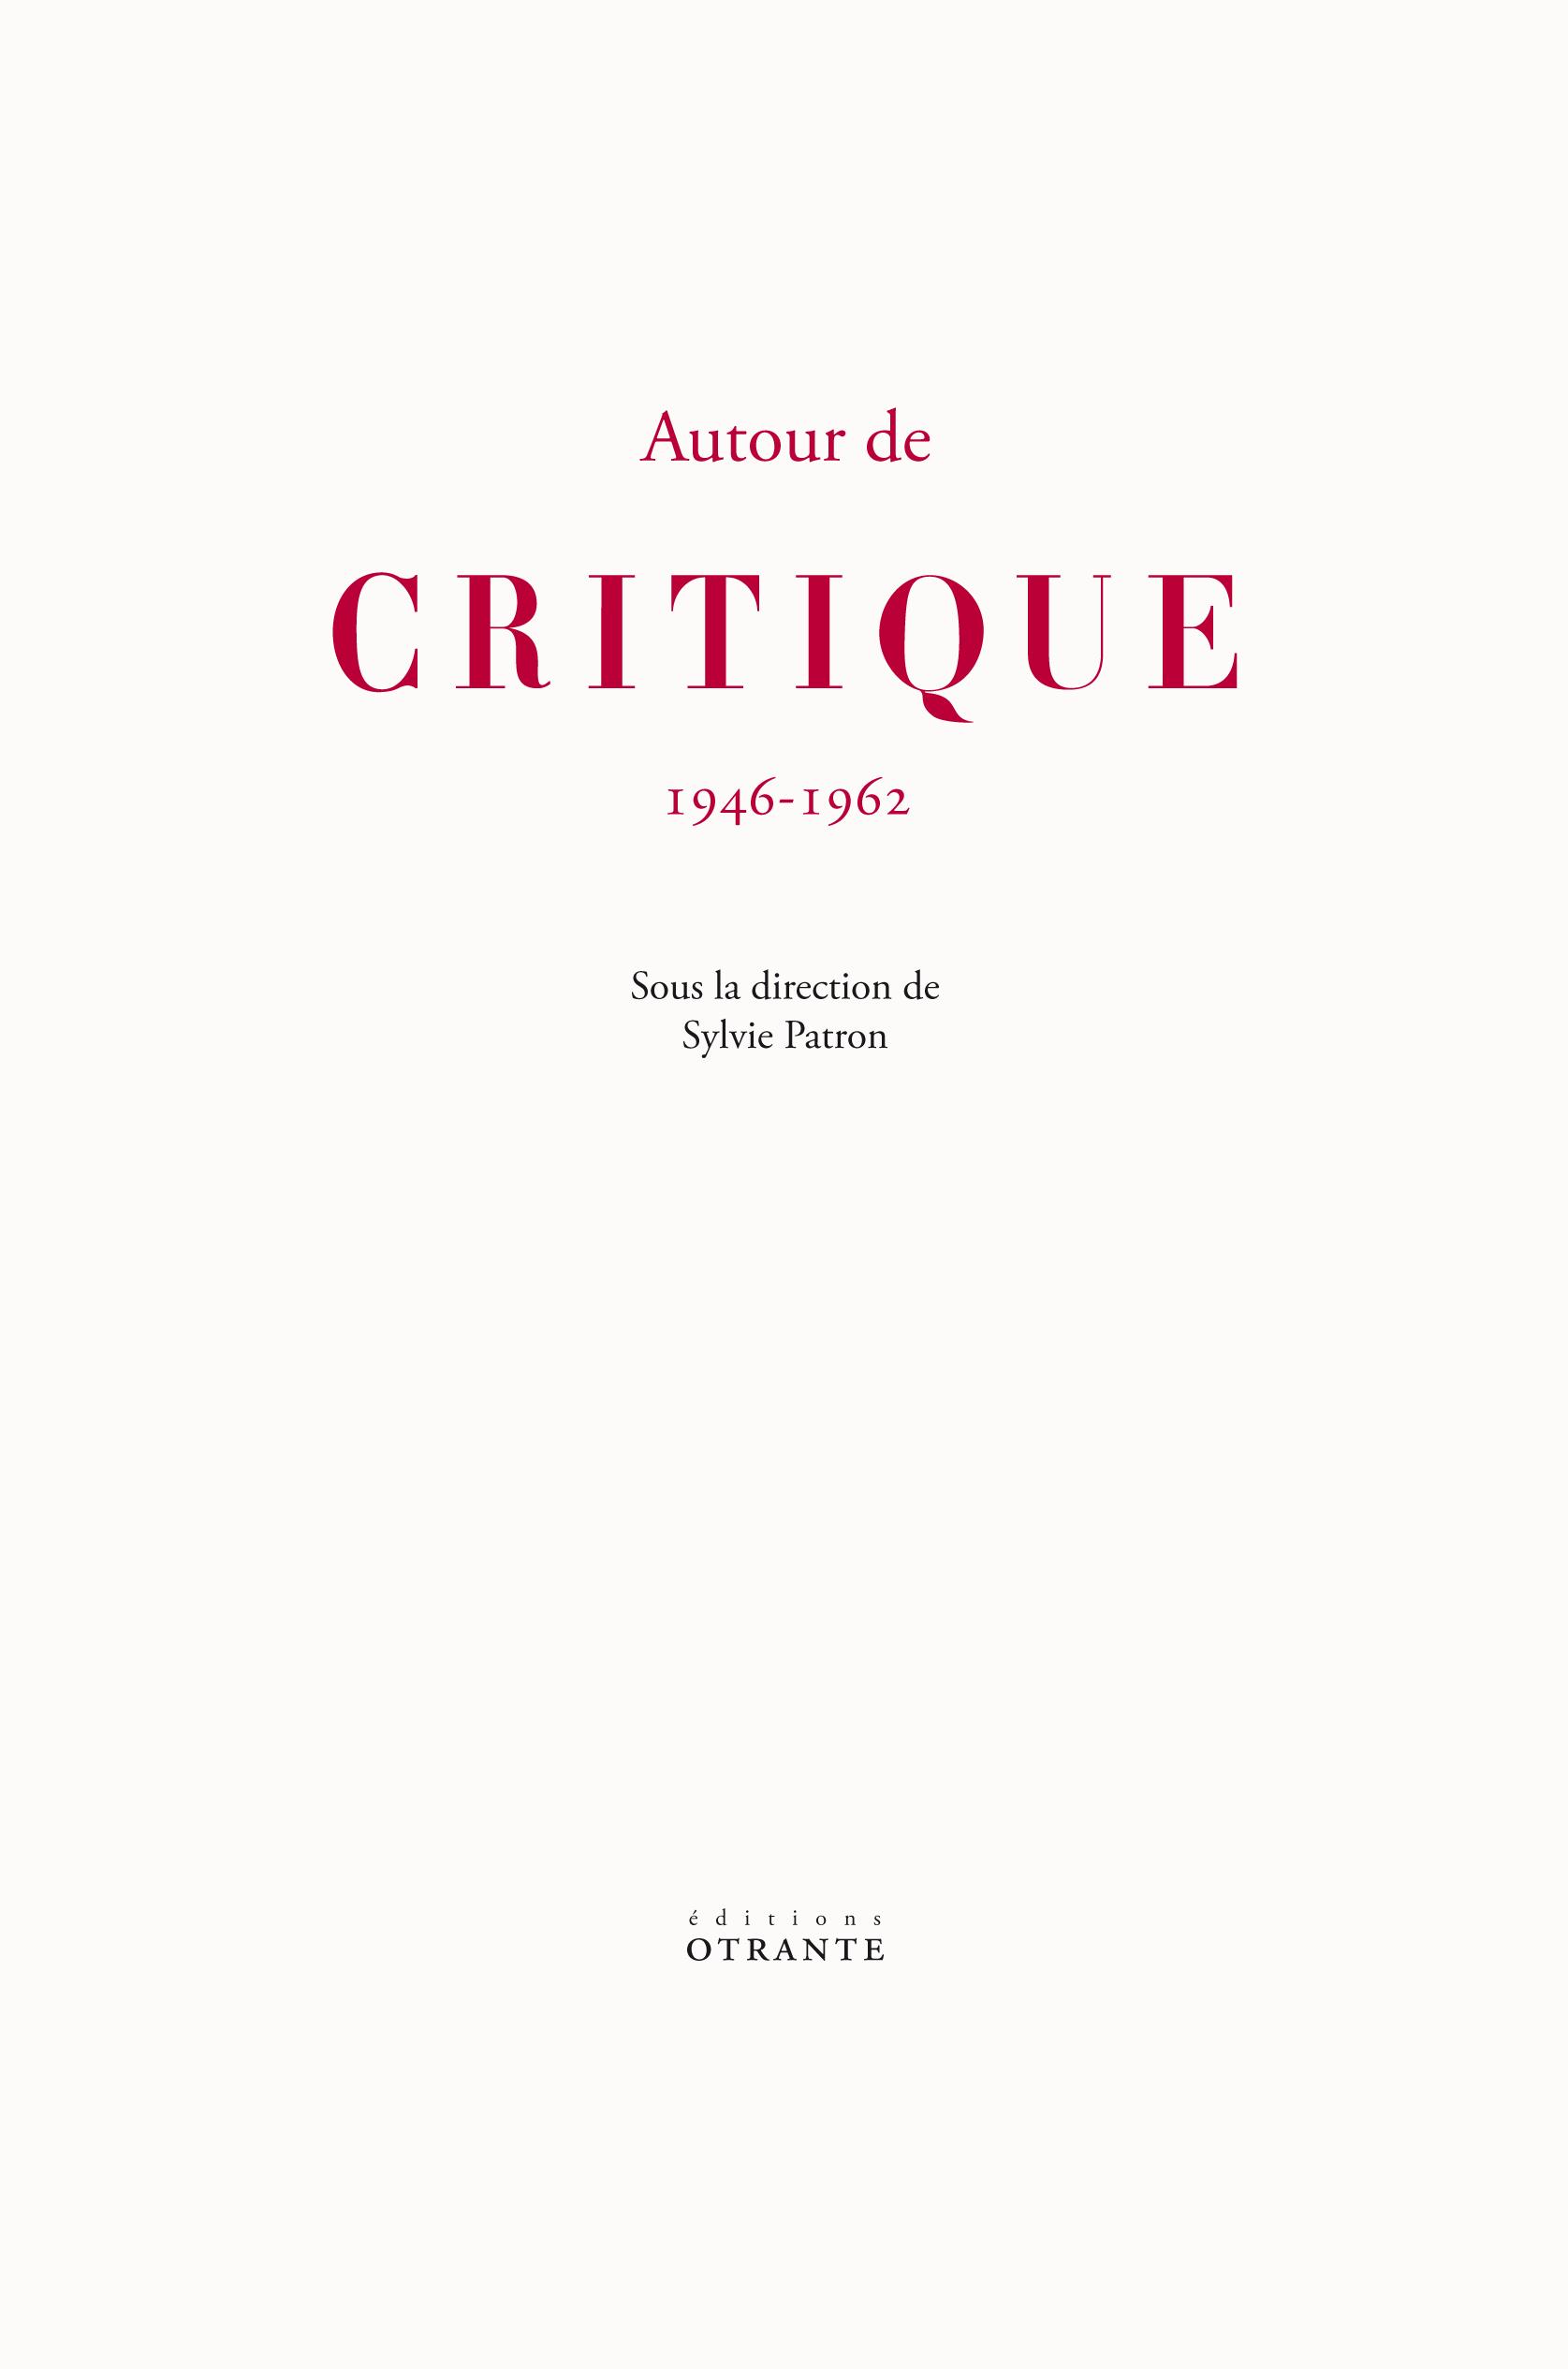 S. Patron (dir.), Autour de Critique 1946-1962